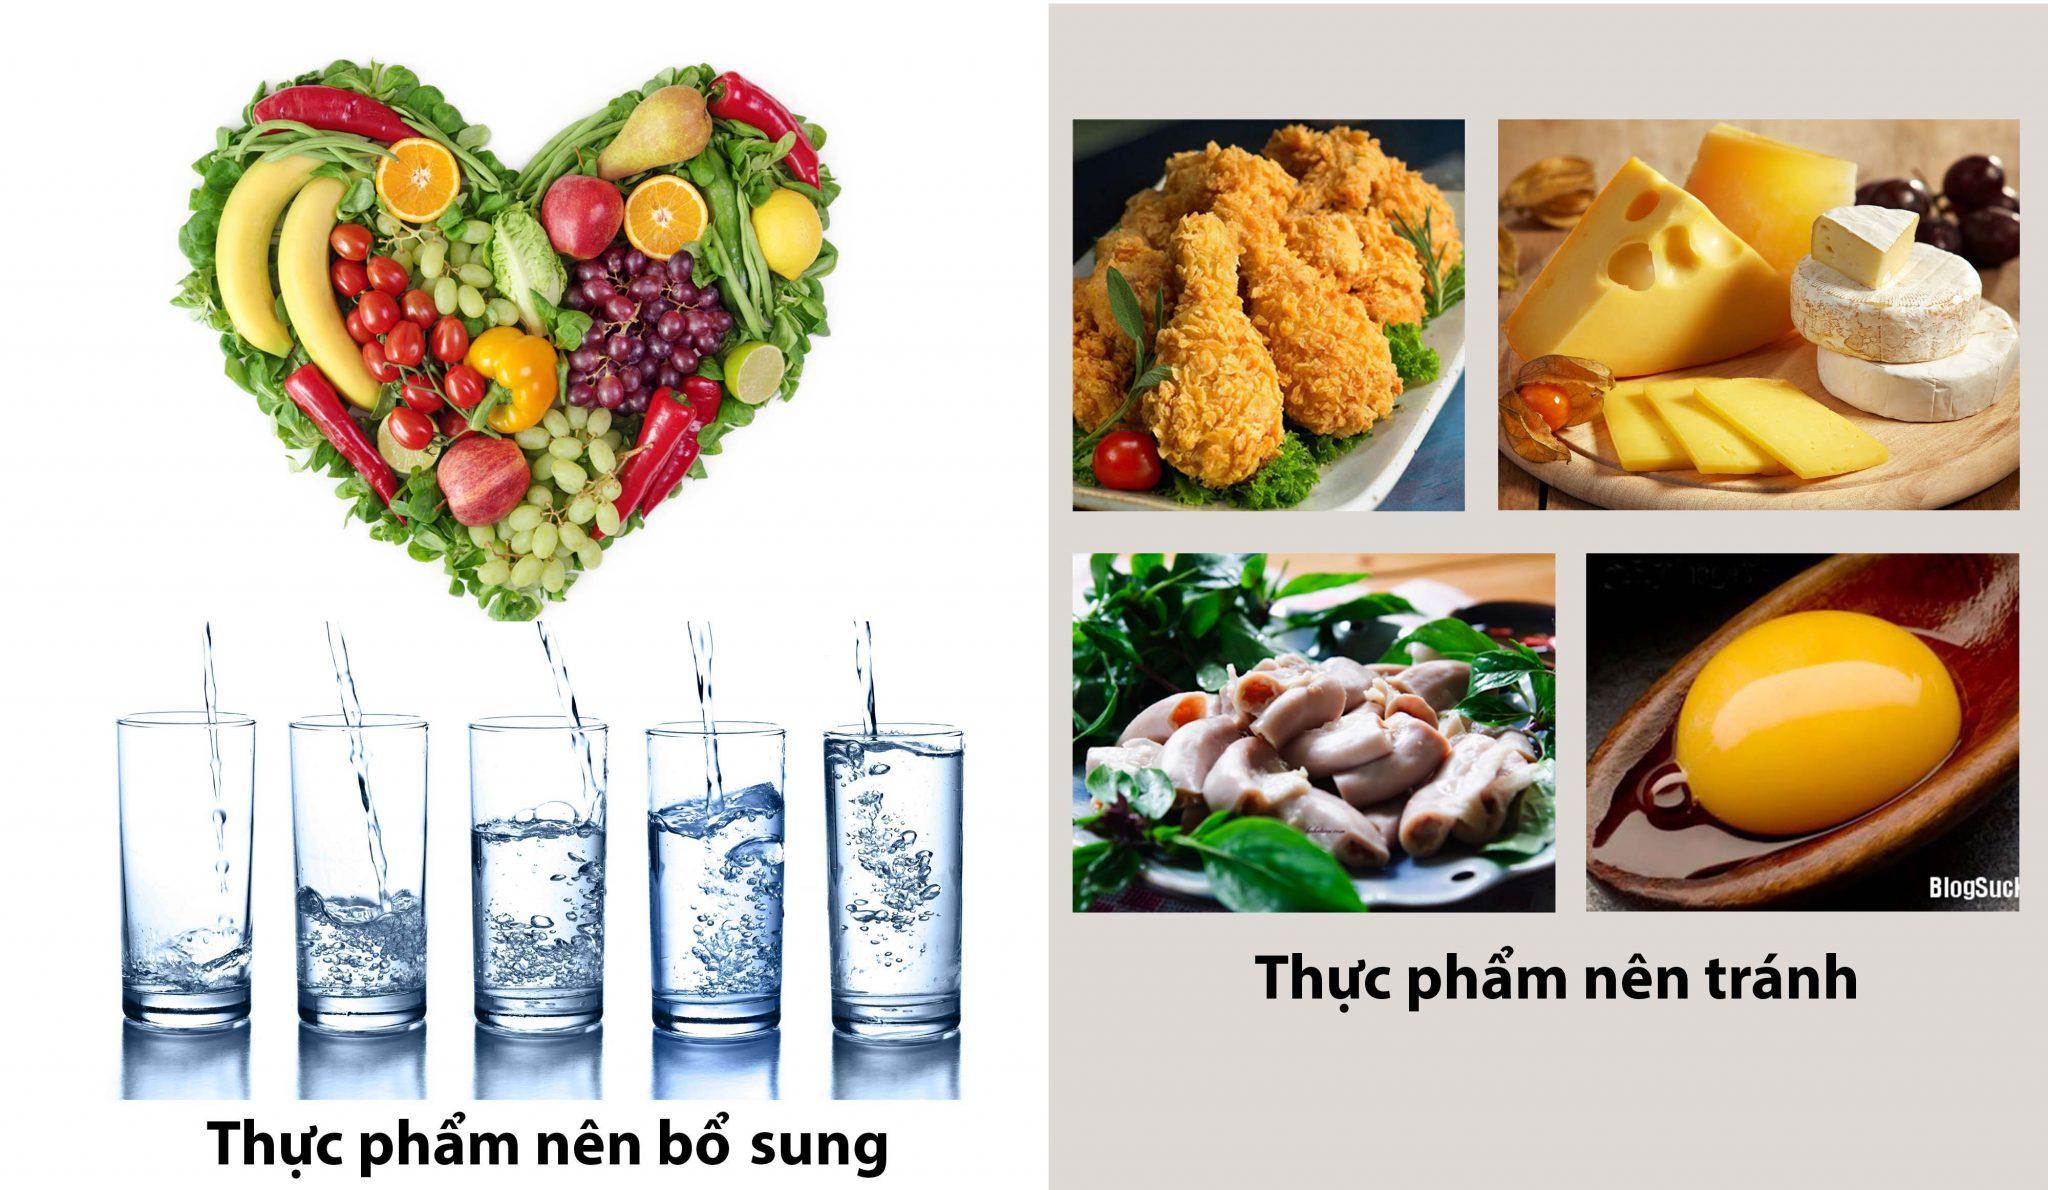 Lời khuyên dinh dưỡng khi mắc bệnh rối loạn tiền đình